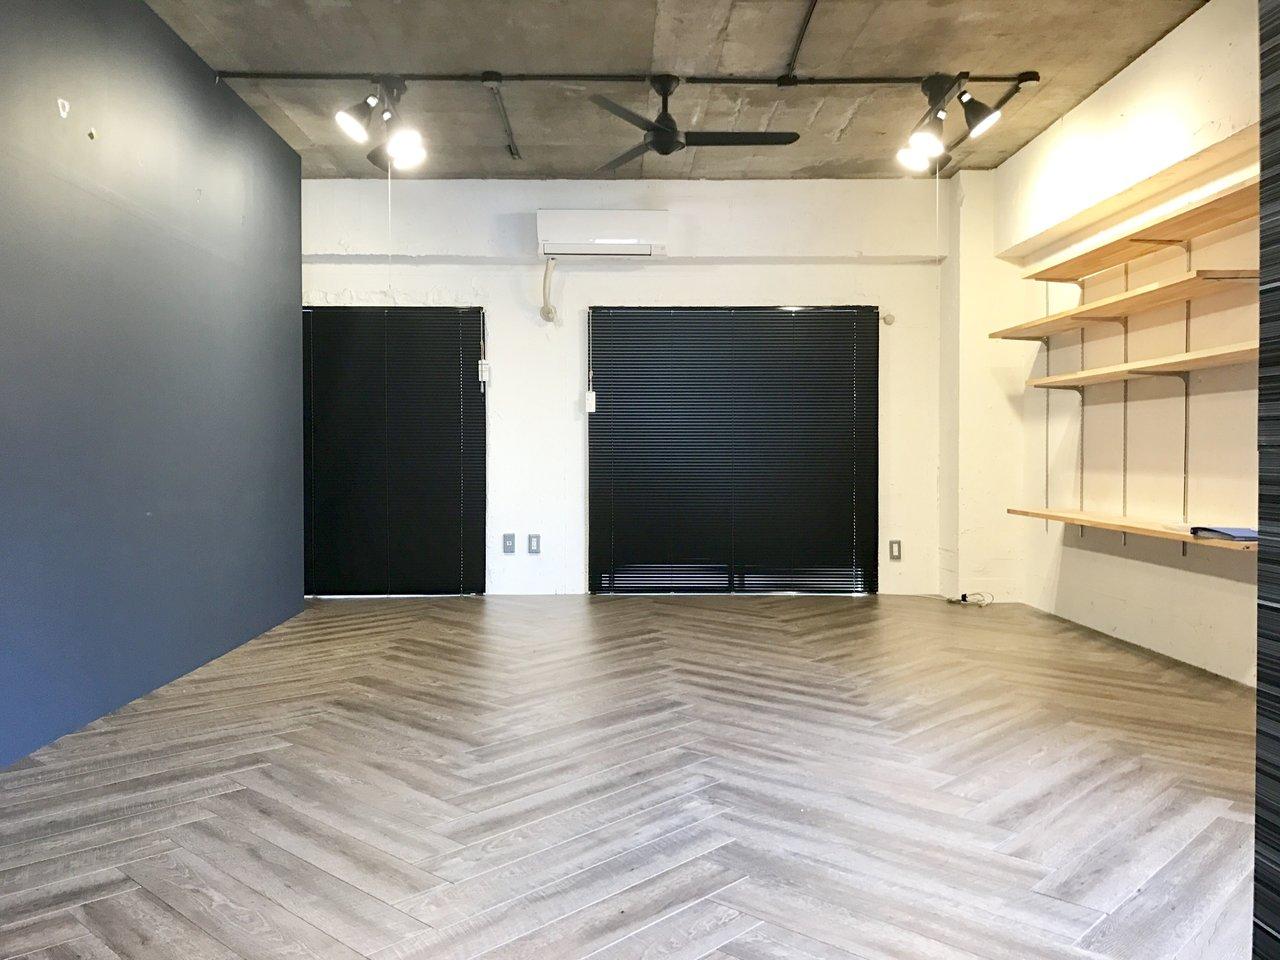 70㎡超えの贅沢な1LDK。天井も高く、どことなくガレージ感のある開放的な部屋です。